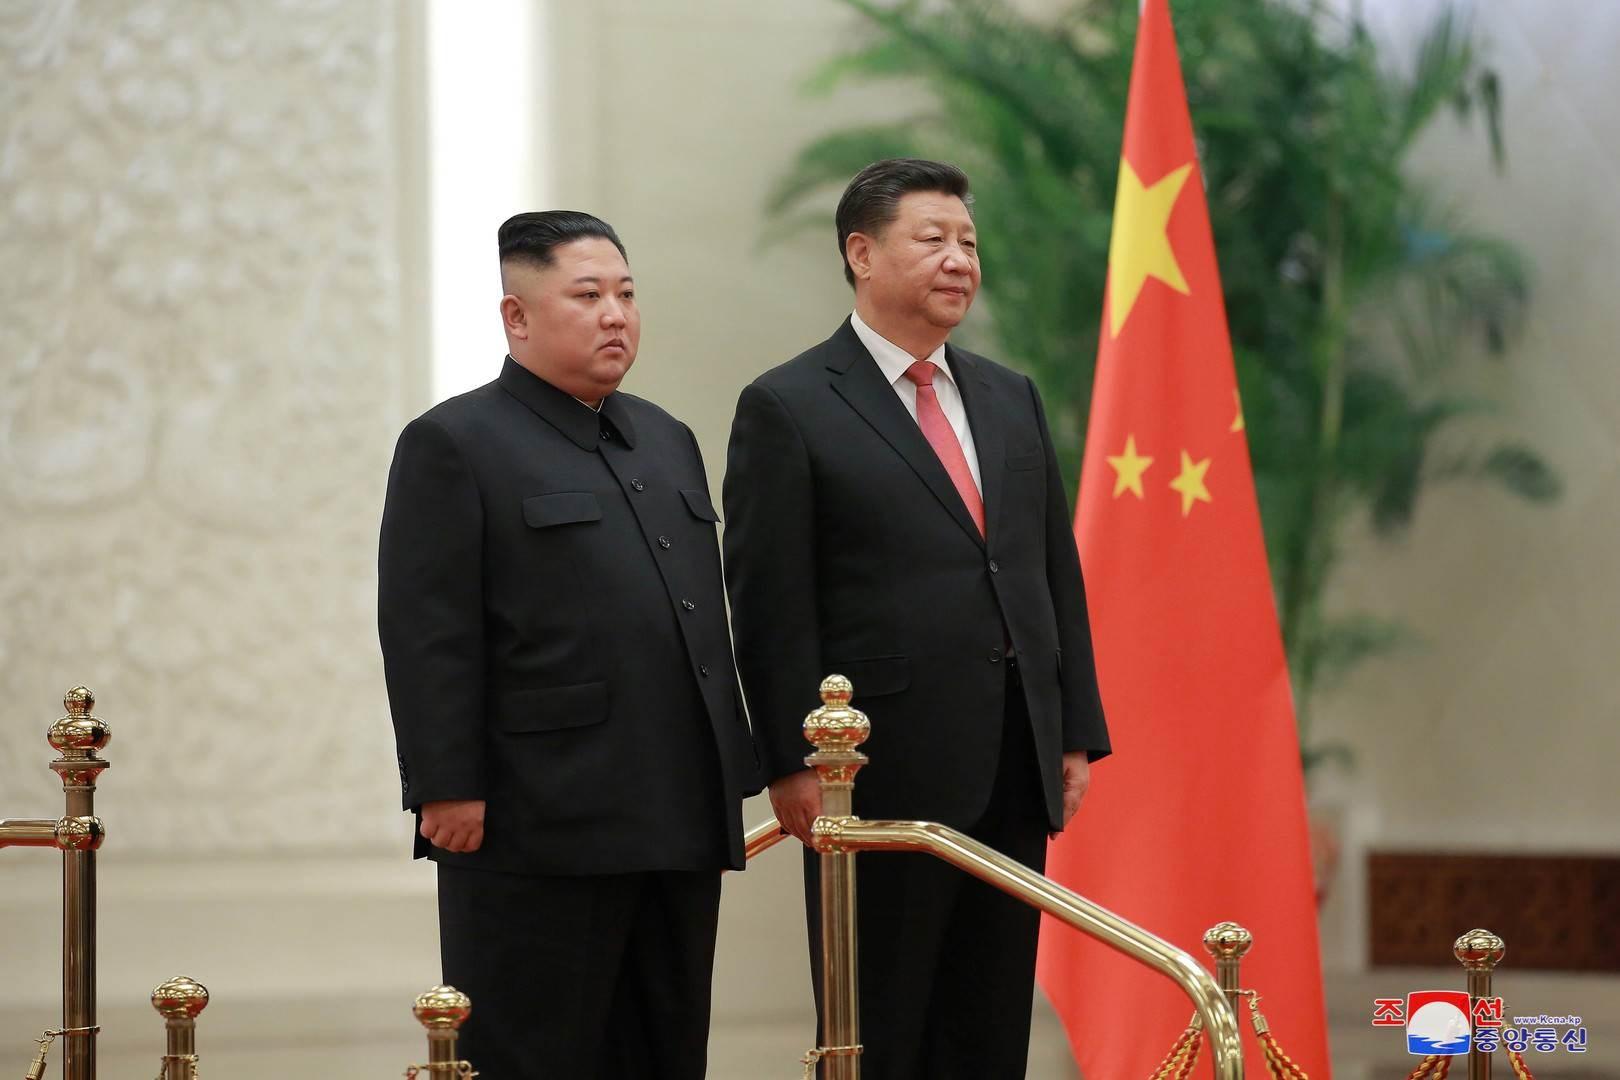 كوريا الشمالية تدعم إجراءات الصين حول هونغ كونغ